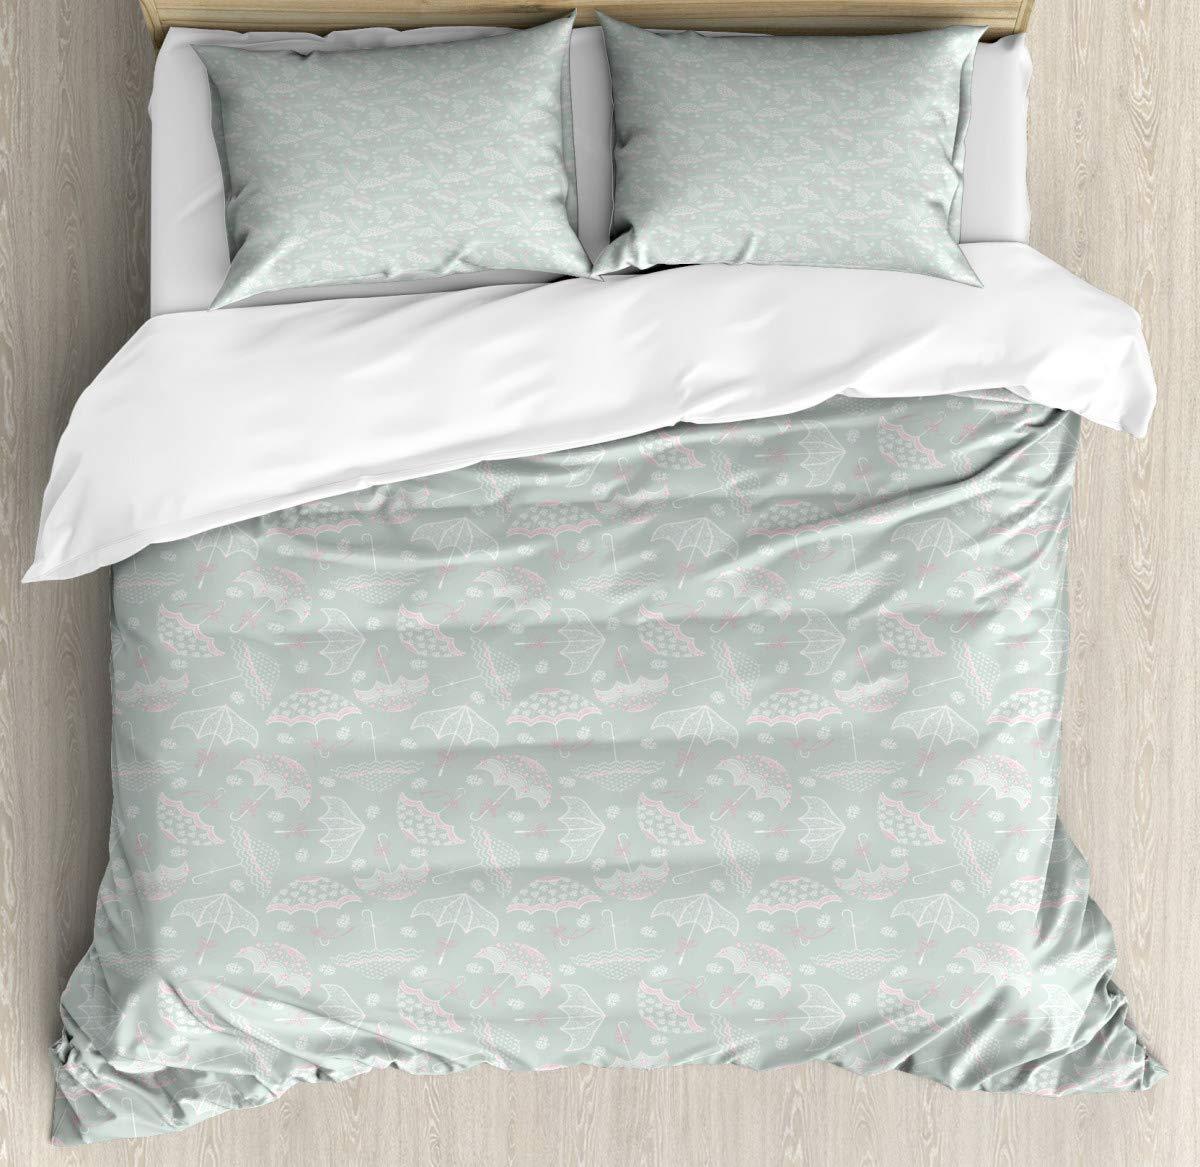 """Microfiber Duvet Cover SetVintage Floral Parasol Duvet Cover SetDecorative 3 Piece Bedding Set with 2 Pillow Shams86 x102/19""""x29""""inch"""